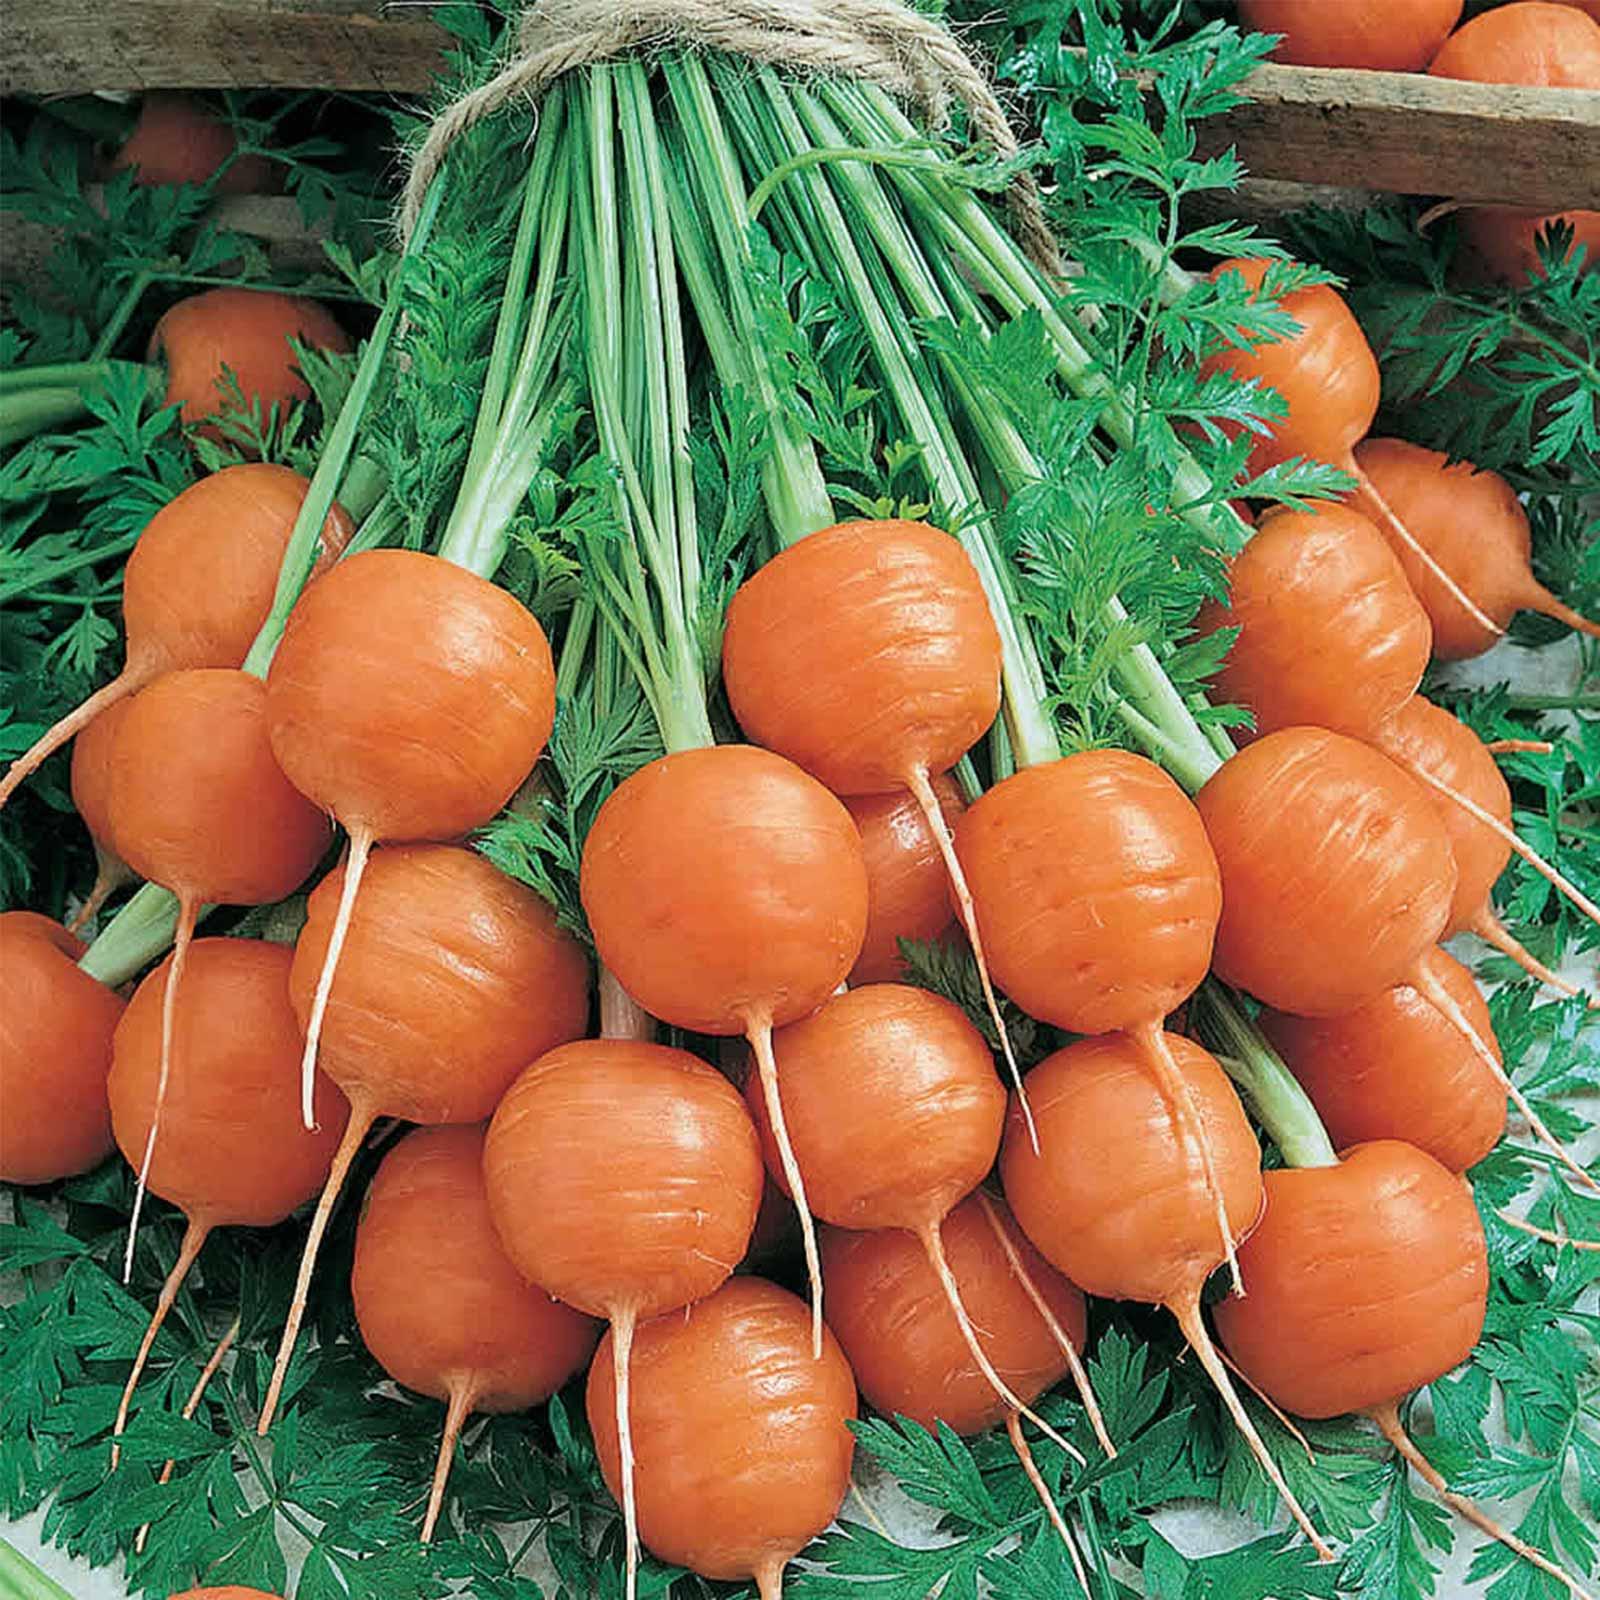 Parisian Carrot Seeds 1 Lb NonGMO Heirloom Vegetable Garden